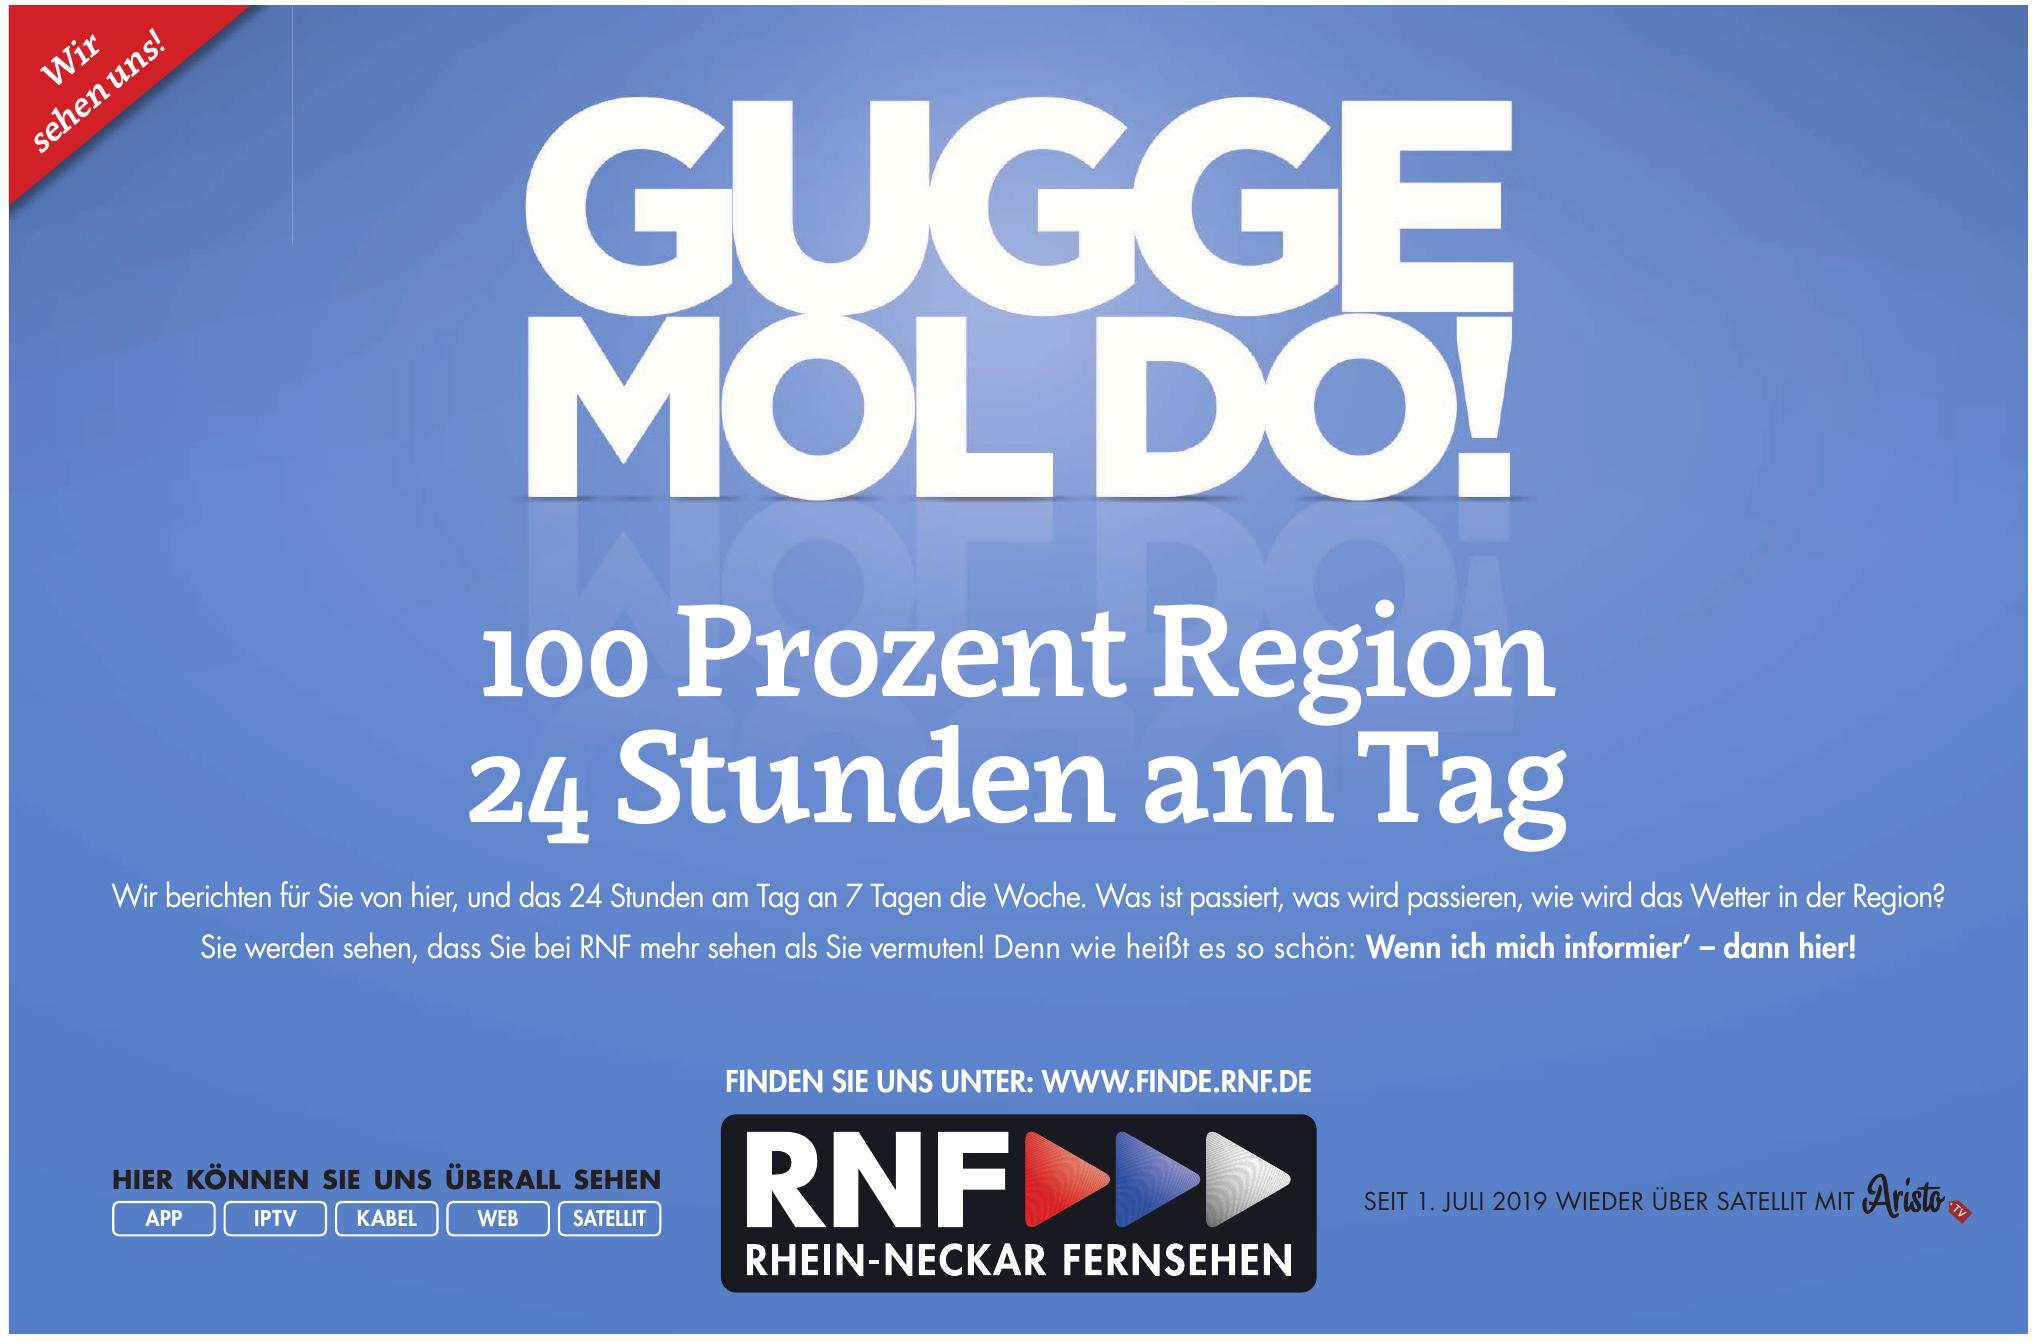 RNF Rhein-Neckar Fernsehen